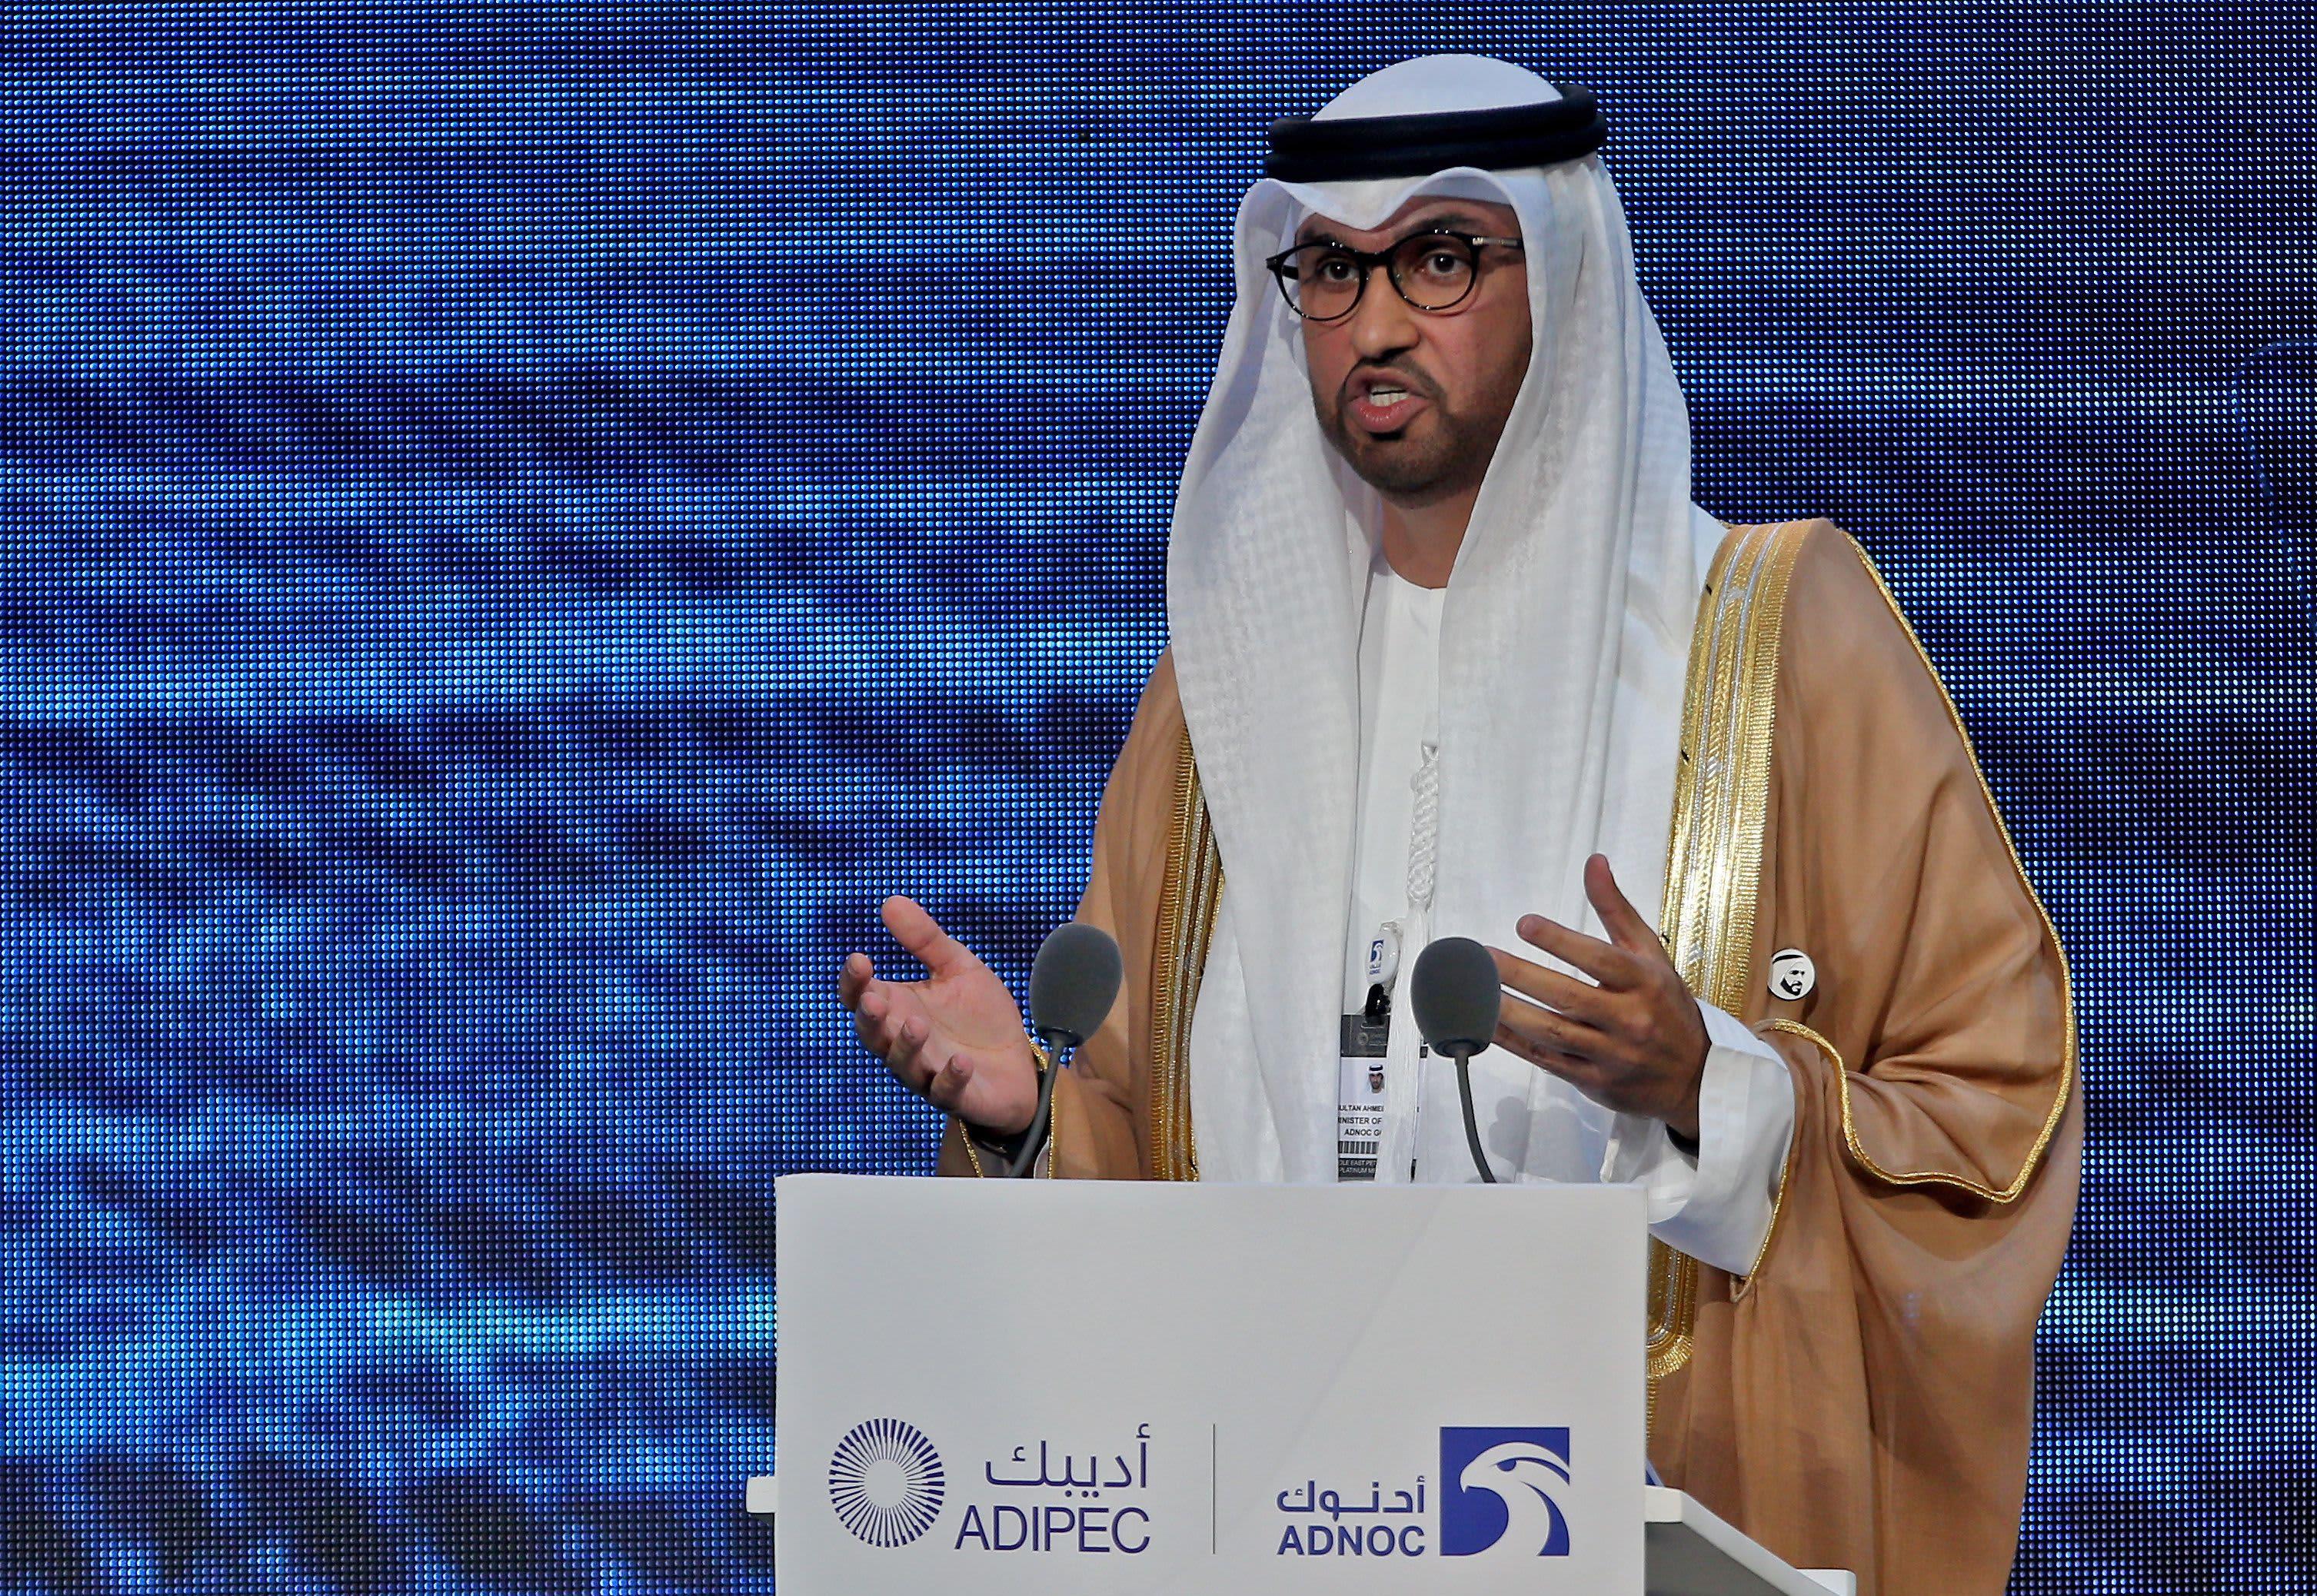 2020 کے سب سے بڑے توانائی معاہدے میں ، چھ عالمی فرموں نے ابو ظہبی کے سرکاری تیل کمپنی ، سی این بی سی کے ساتھ 20 بلین ڈالر کا معاہدہ کیا۔ thumbnail